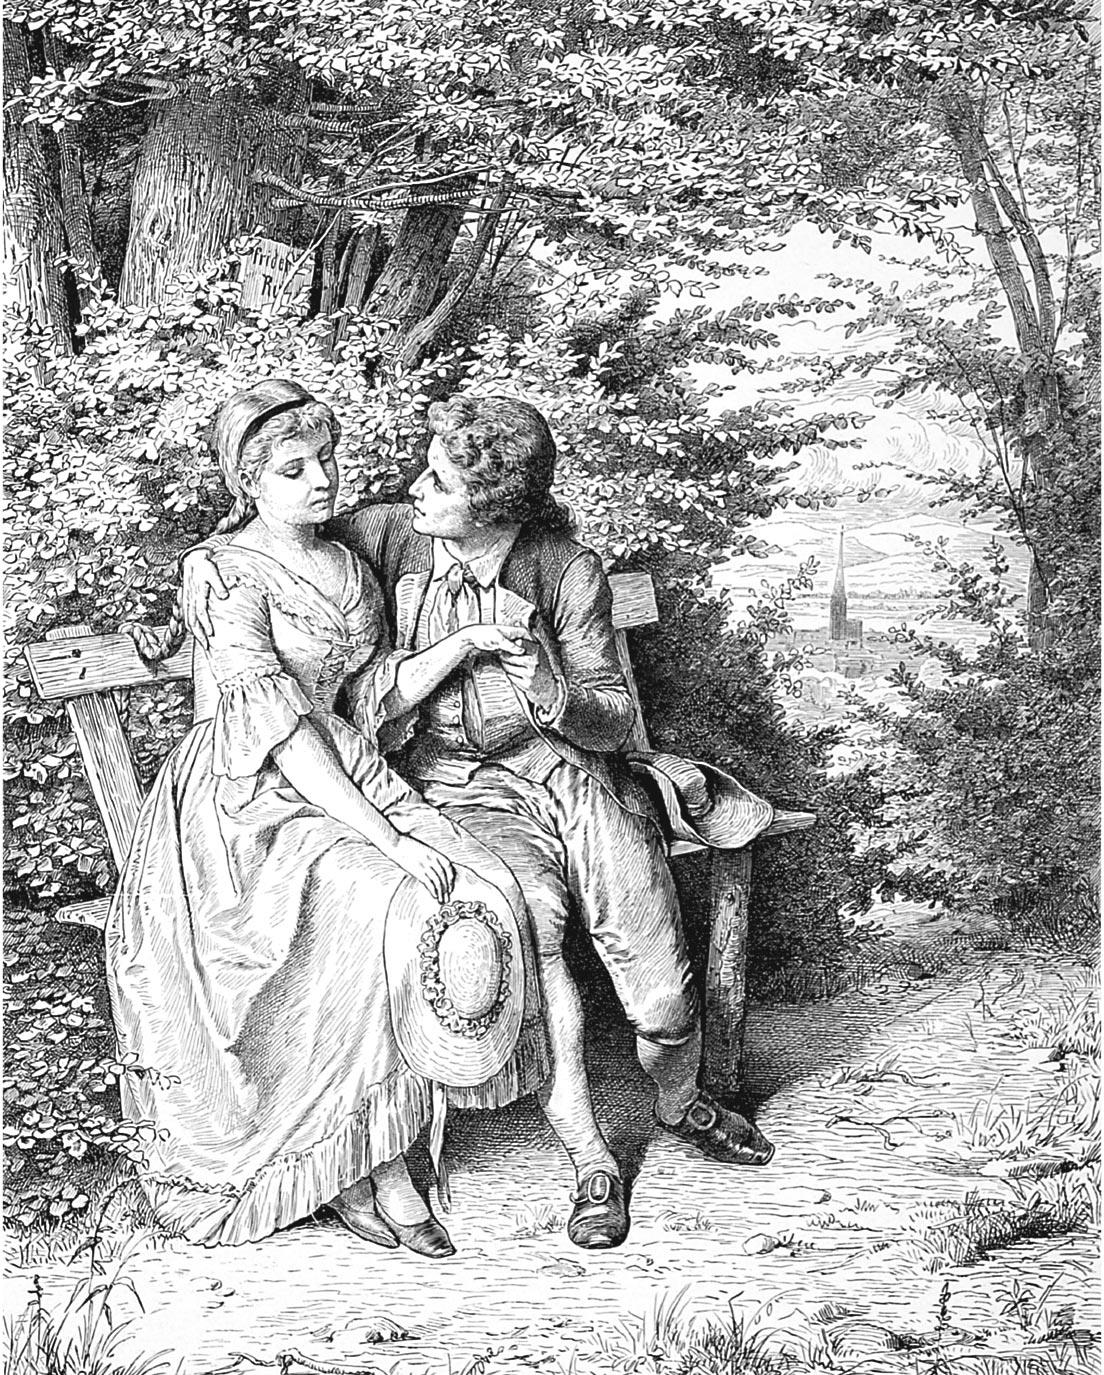 Рисунок эпохи романтизма, изображающий юных влюбленных